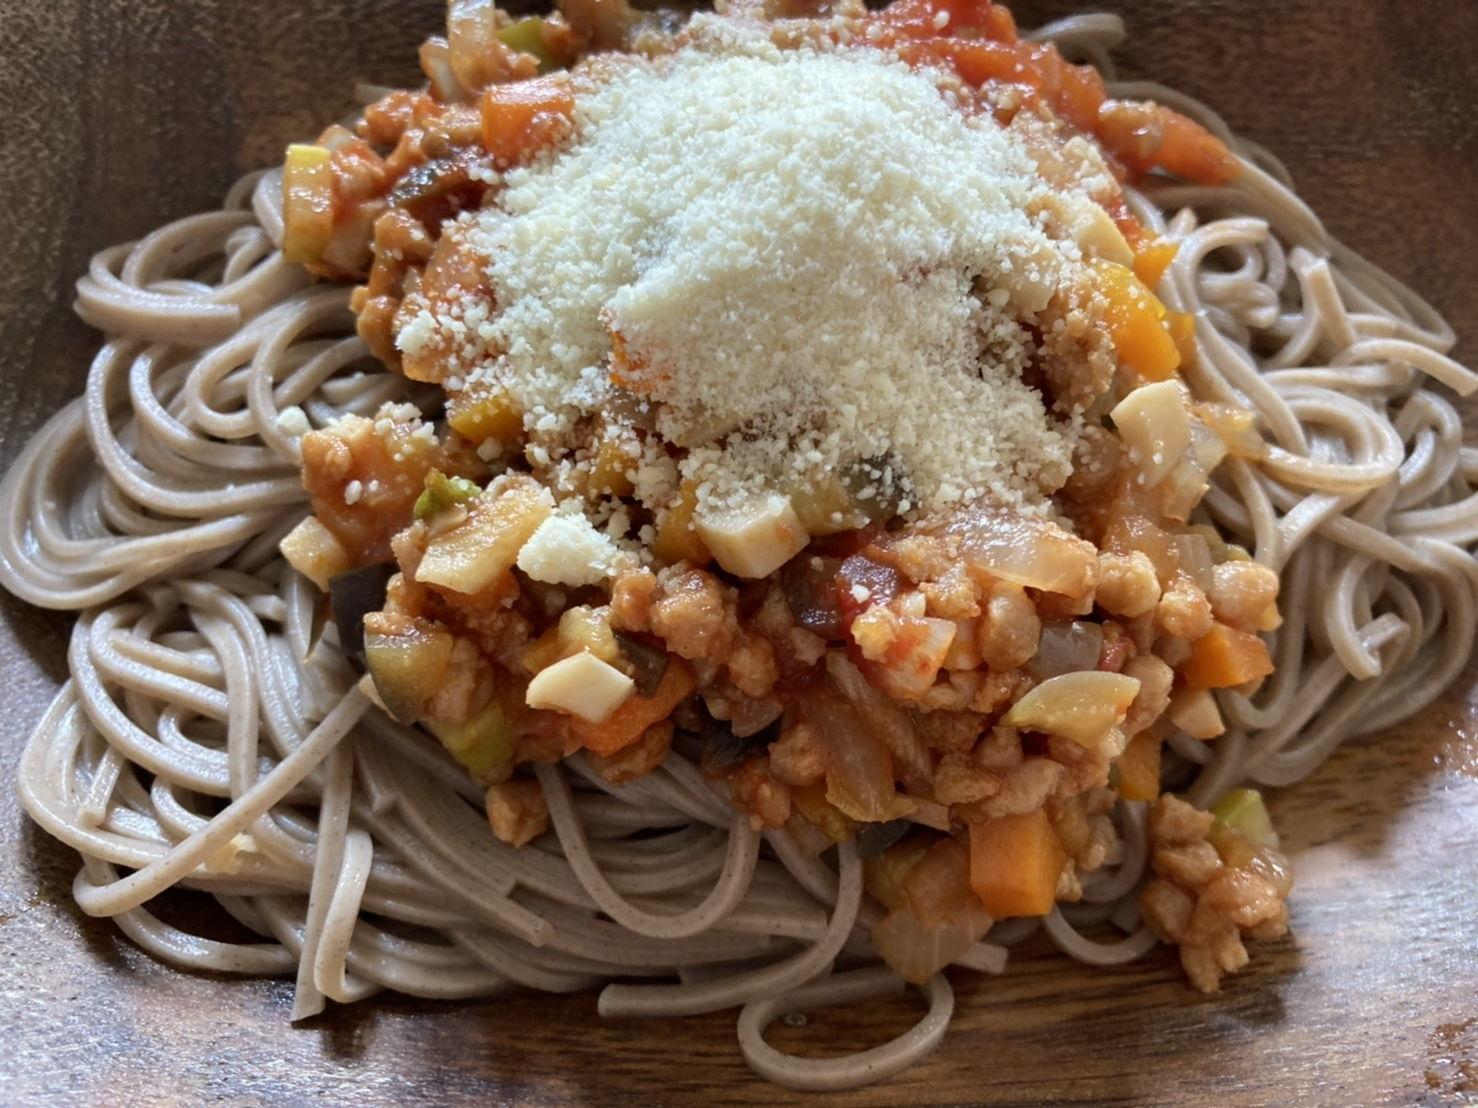 オトナの野菜生活おかわり!野菜もエチ声も潮吹きも大増量オナニー!使用済み野菜をエッチに調理!おしっこも【バイノーラル、実演音声、ASMR、フォーリーサウンド】